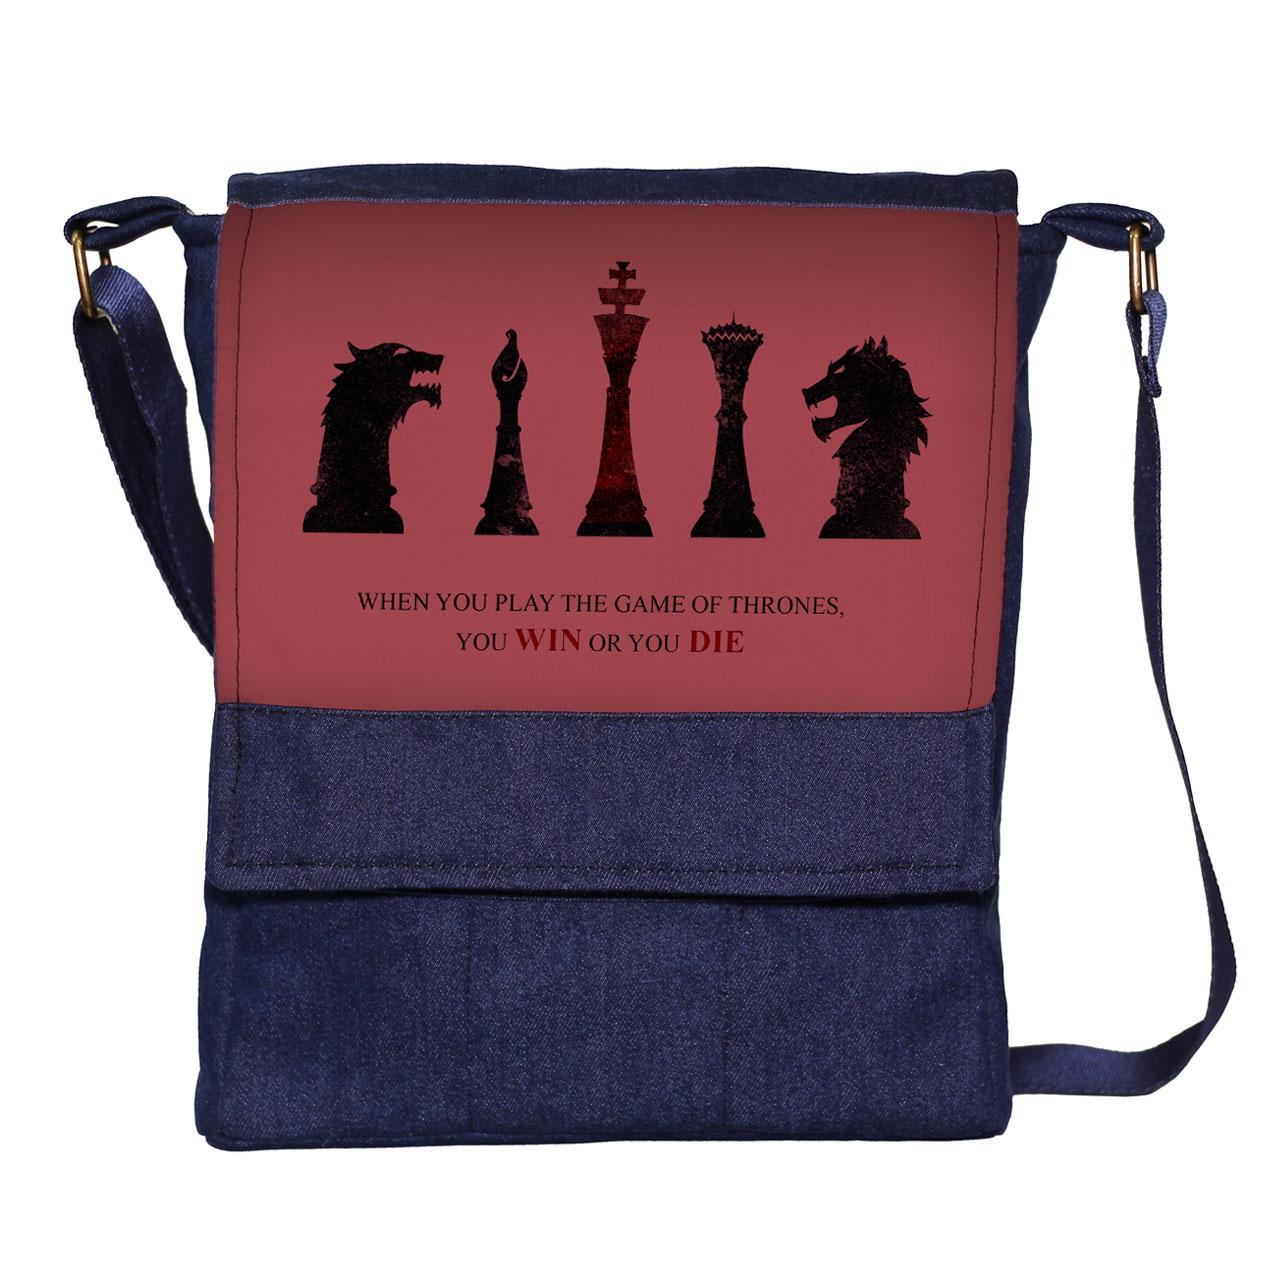 کیف دوشی مردانه گالری چی چاپ طرح بازی تاج و تخت کد 65936